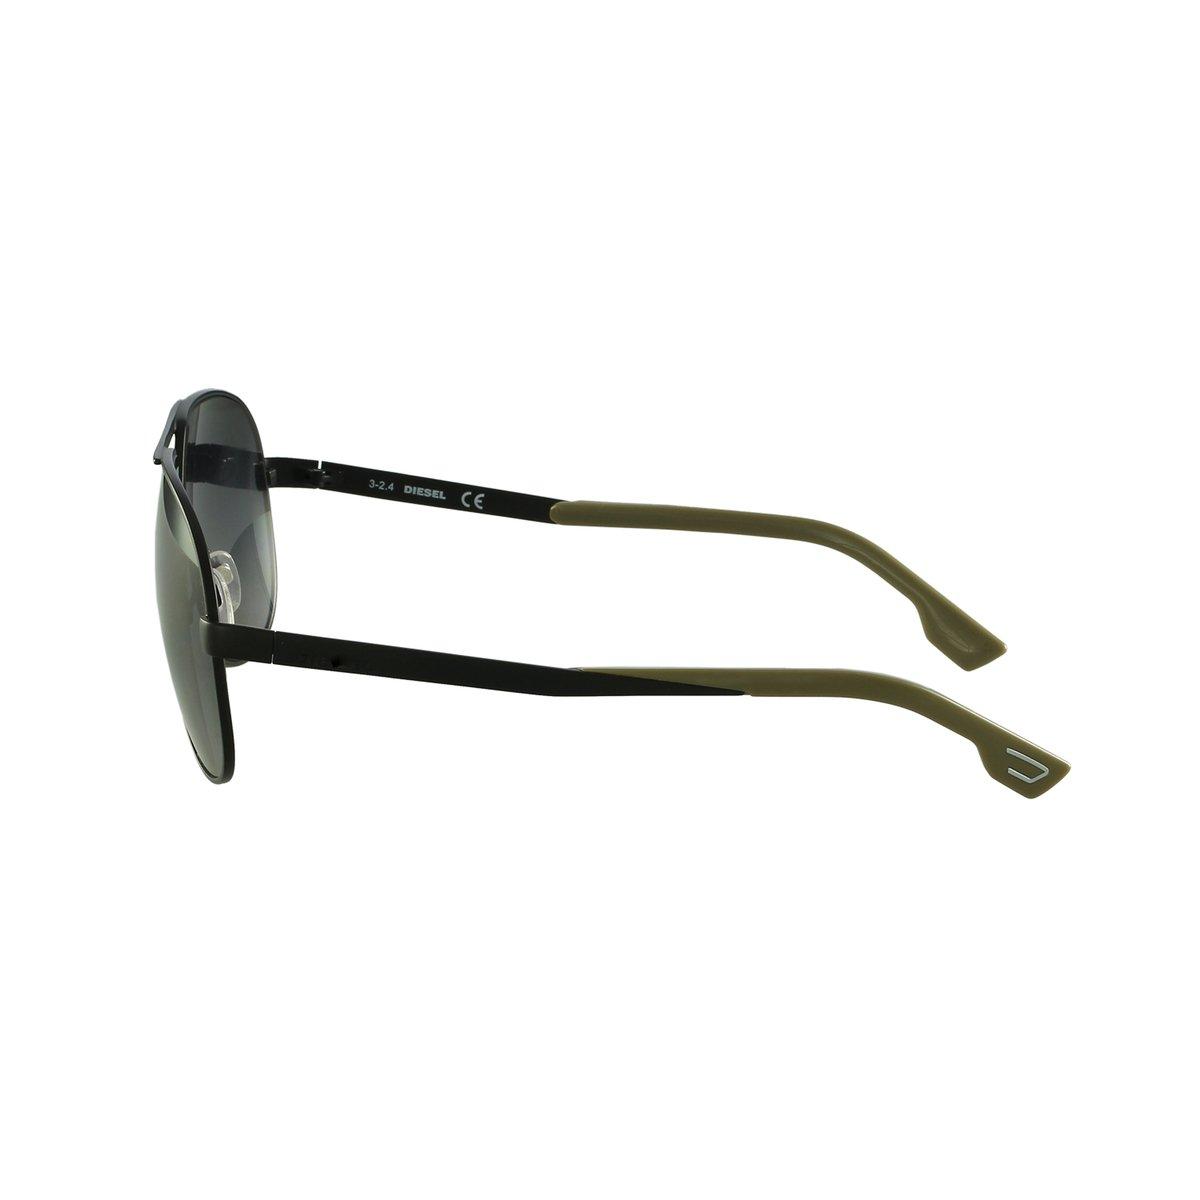 5c6b38c6b54b1 Óculos de Sol Diesel Aviador Preto - Compre Agora   Netshoes